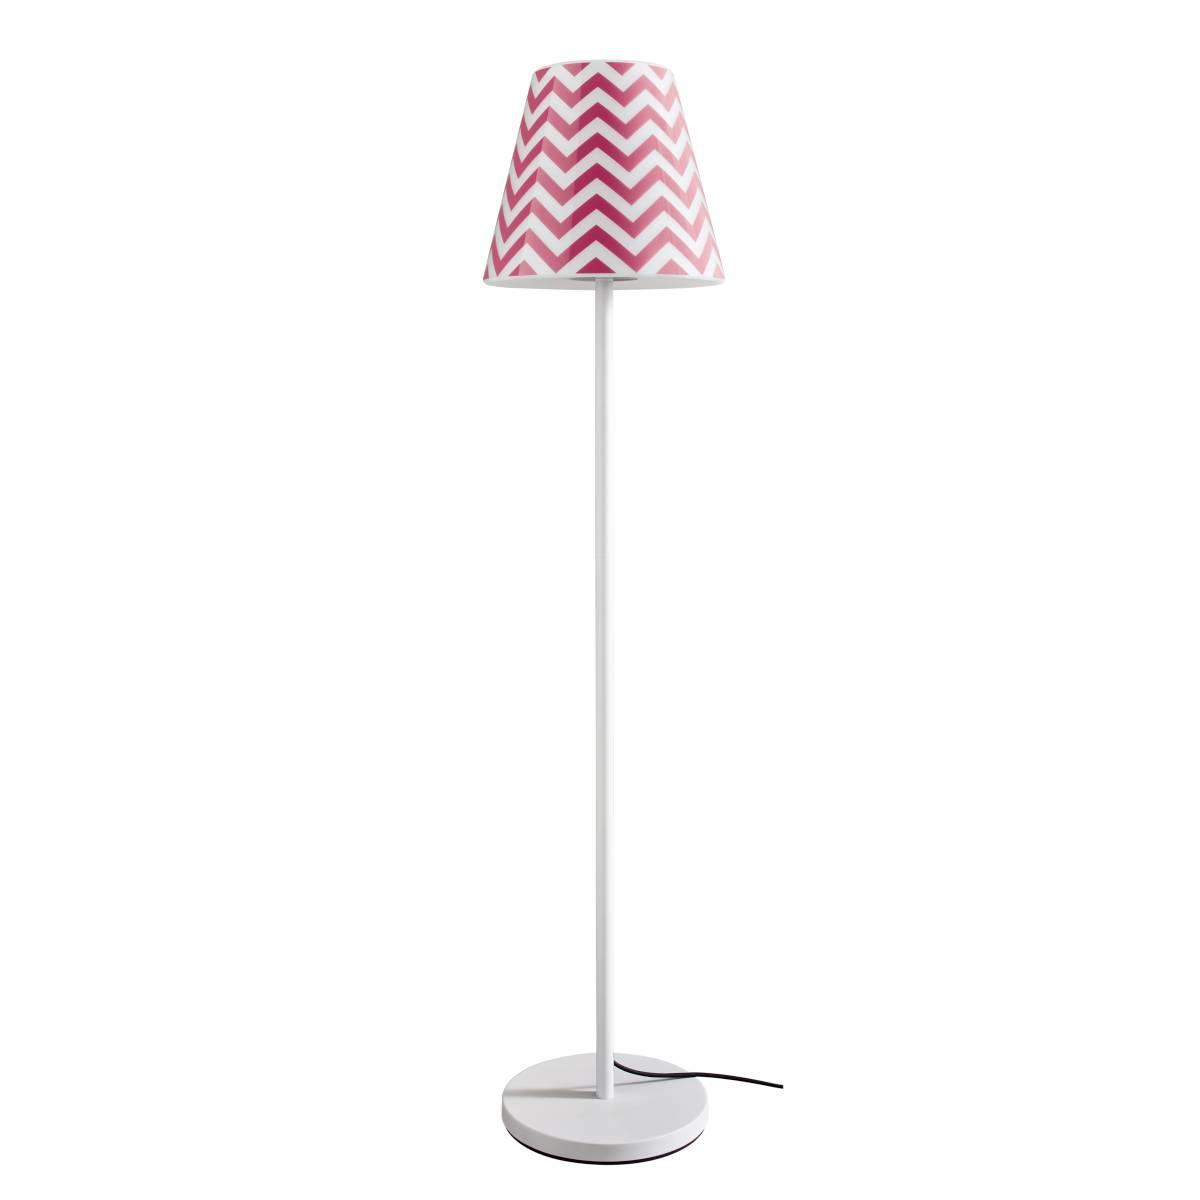 SWAP Stehleuchte mit Rose-Pink Chevron Schirm